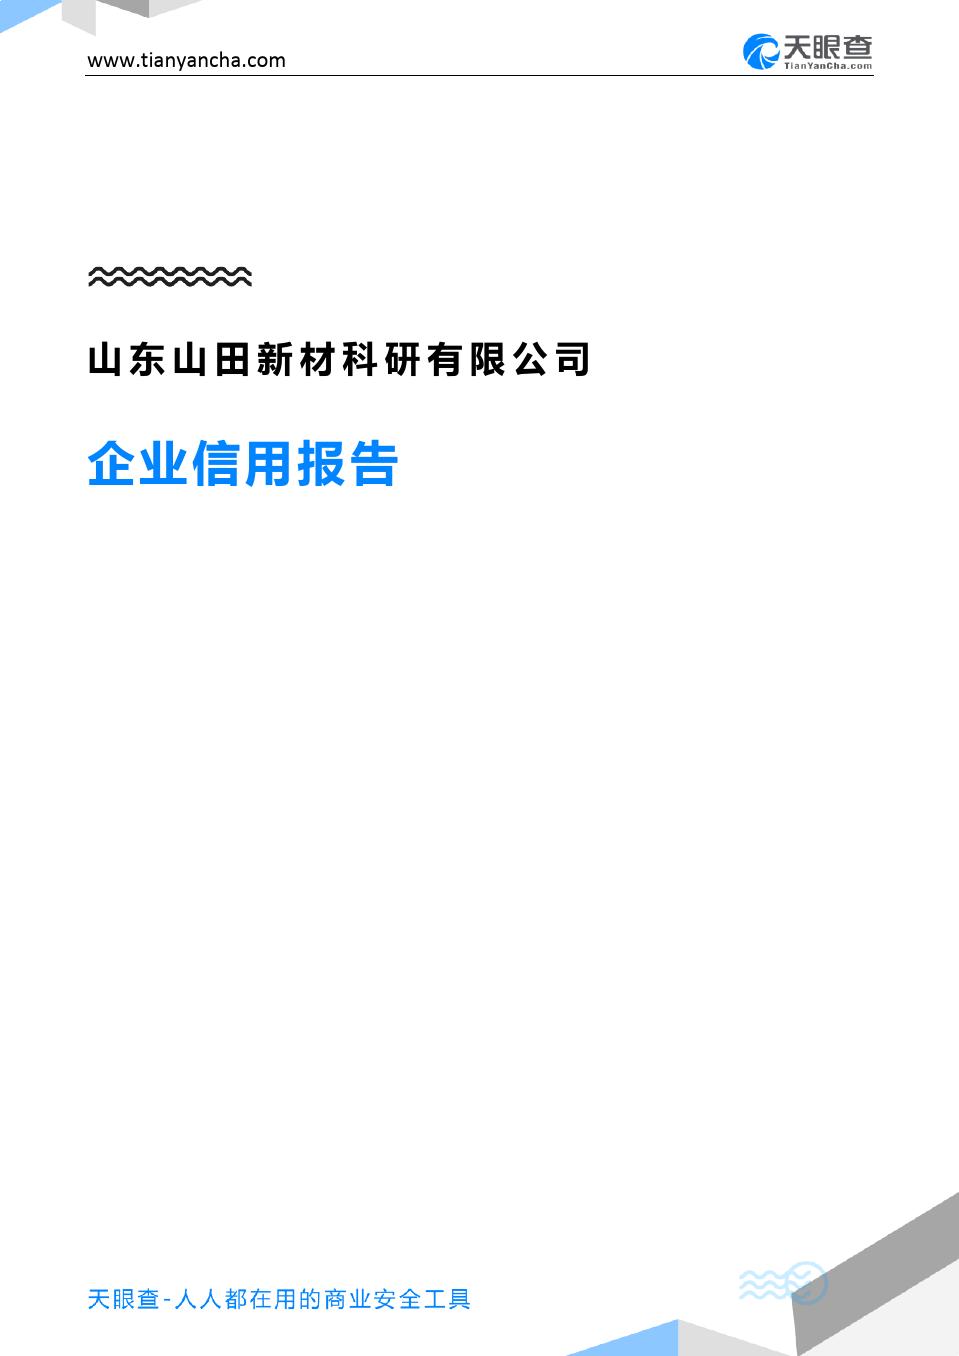 山东山田新材科研有限公司(企业信用报告)- 天眼查